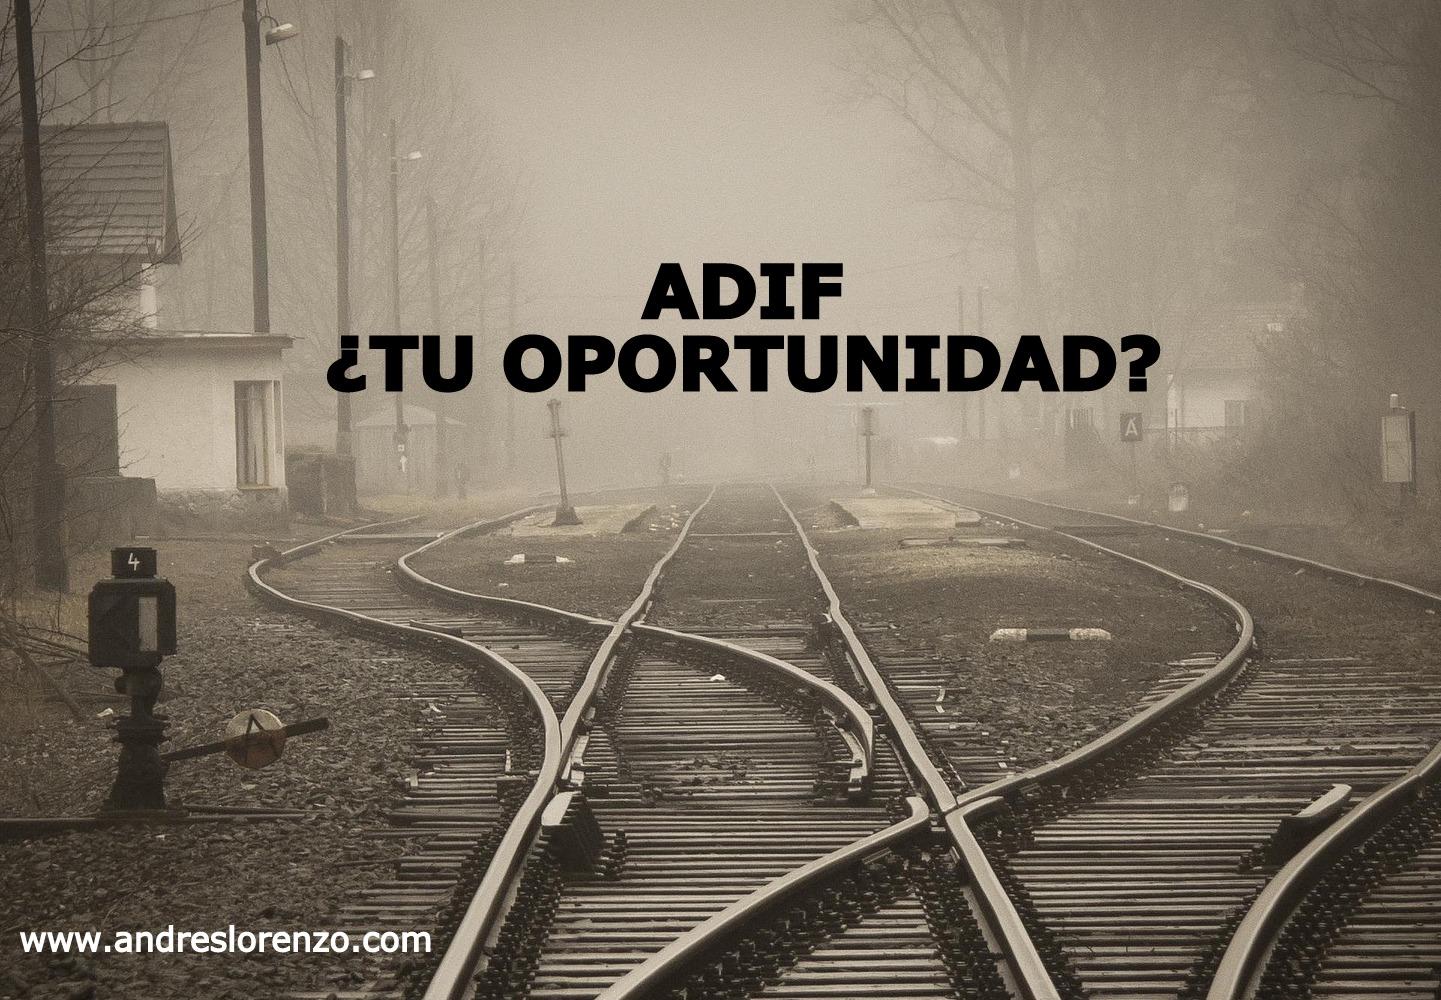 ADIF, ¿TU OPORTUNIDAD?